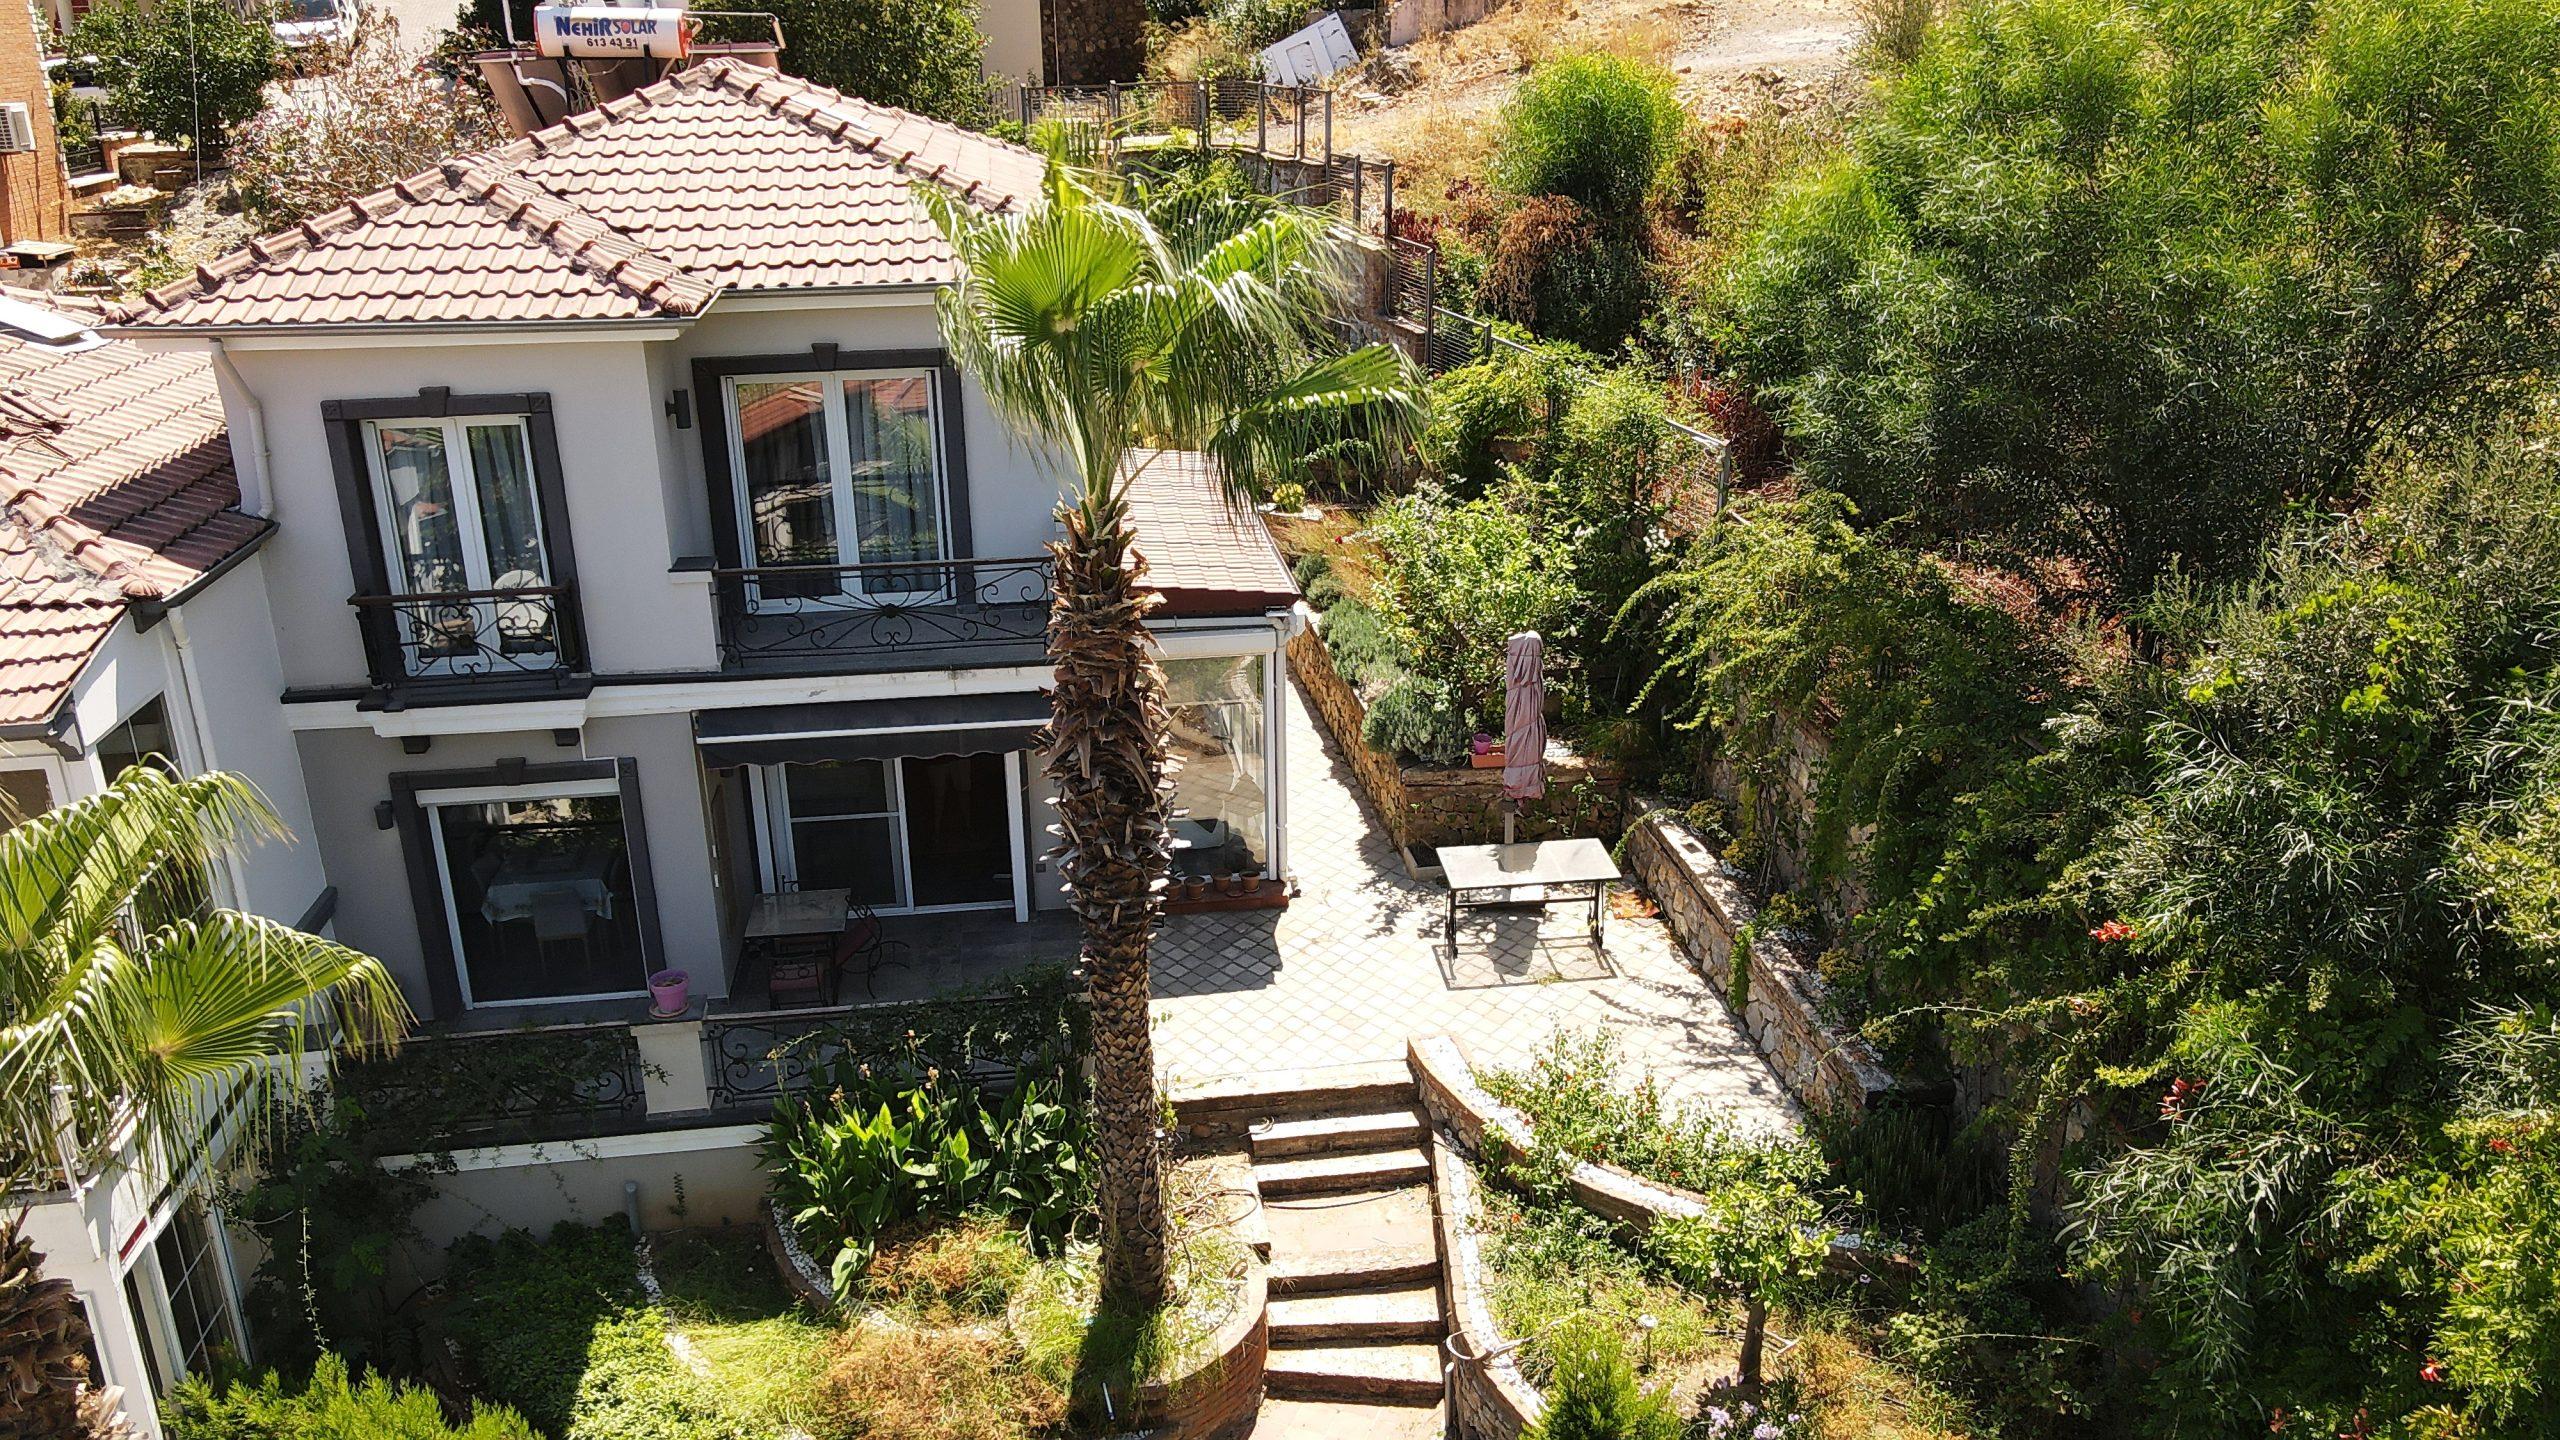 Fethiye Karagözlerde Deniz Manzaralı Eşyalı 3 Yatak Odalı Satılık Villa